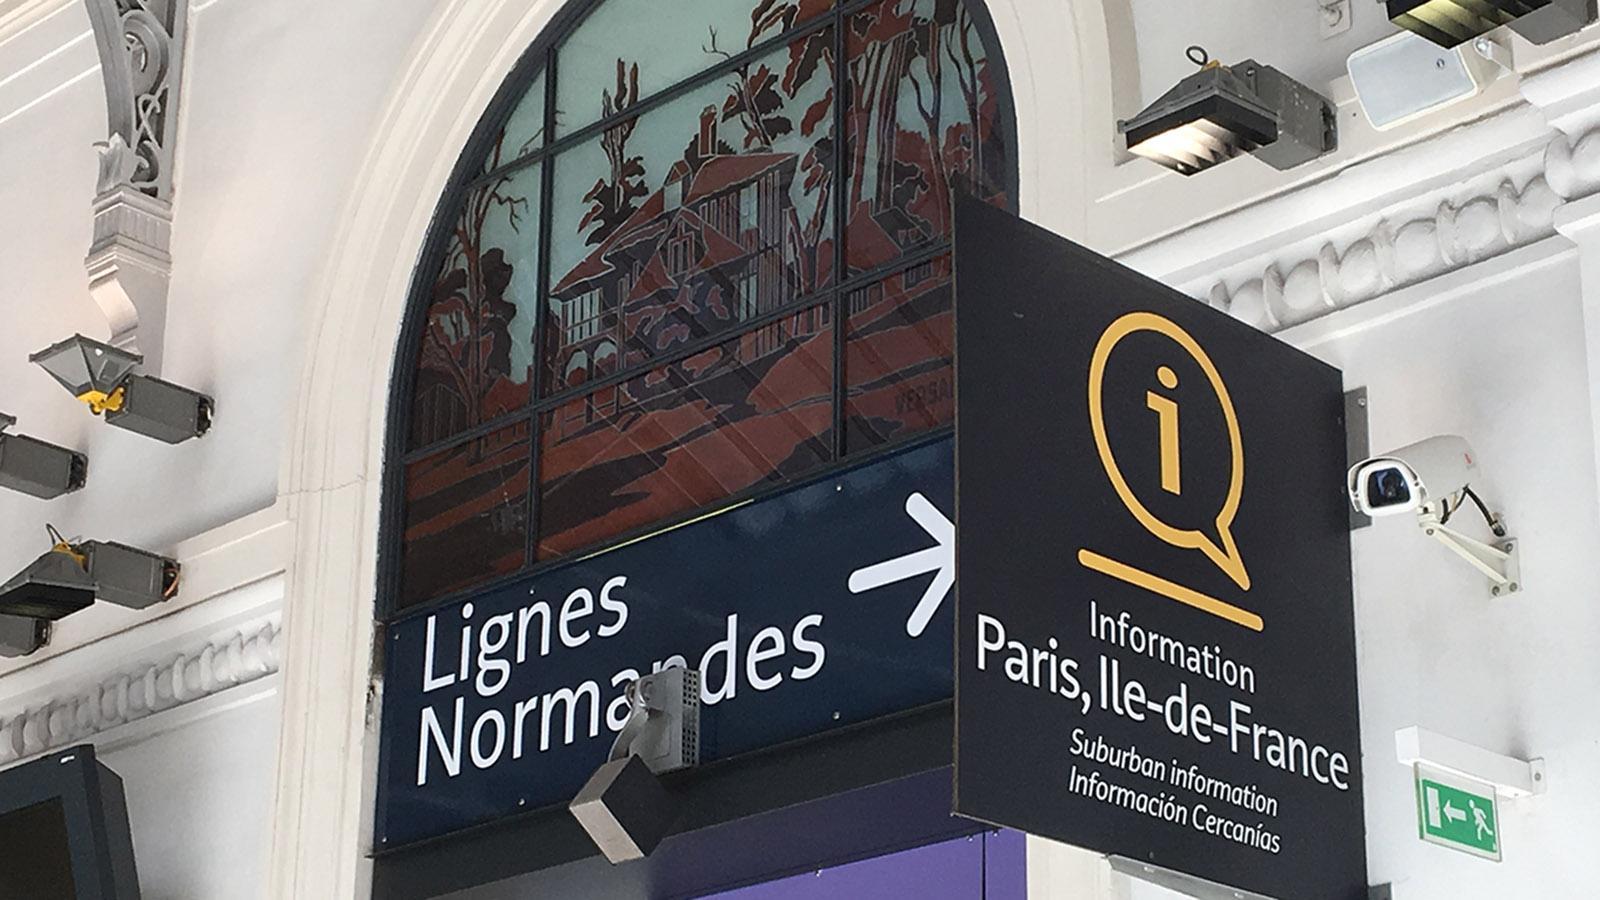 Der Pariser Bahnhof Gare Saint-Lazare ist der Bahnhof für die Linien in die Normandie - und den Eurostar nach London. Foto: Hilke Maunder